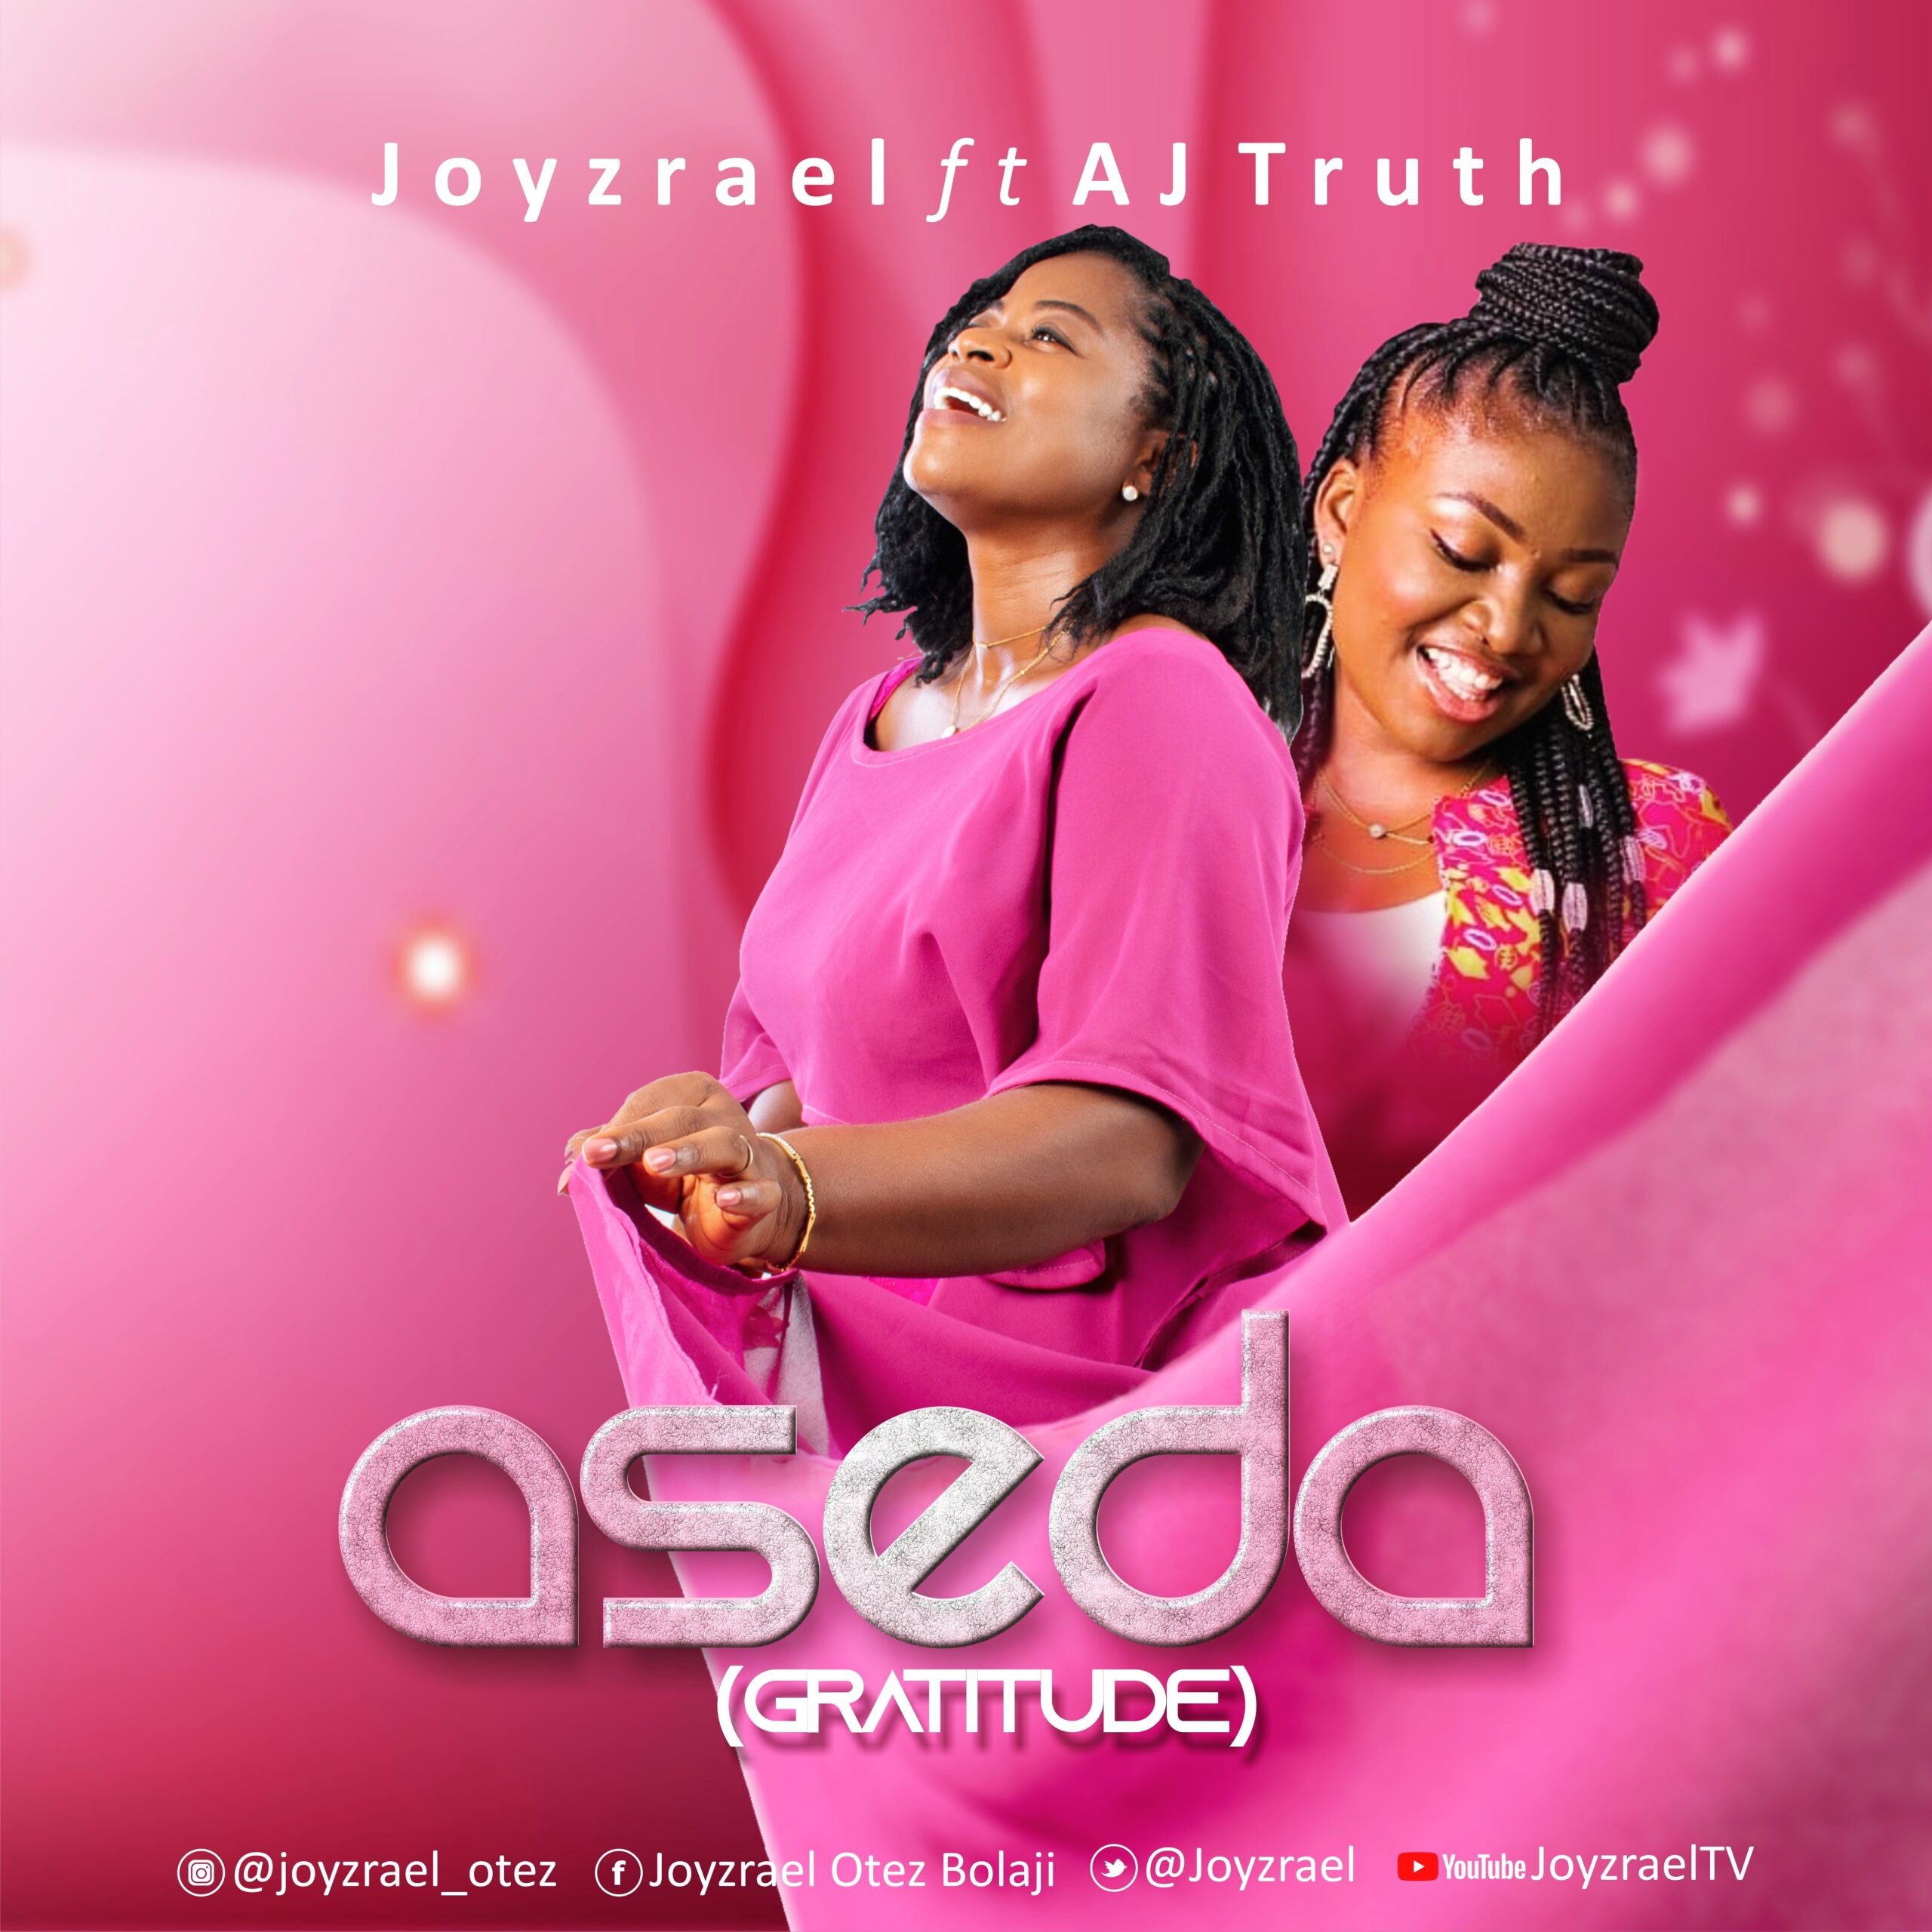 Joyzrael ft AJ Truth aseda